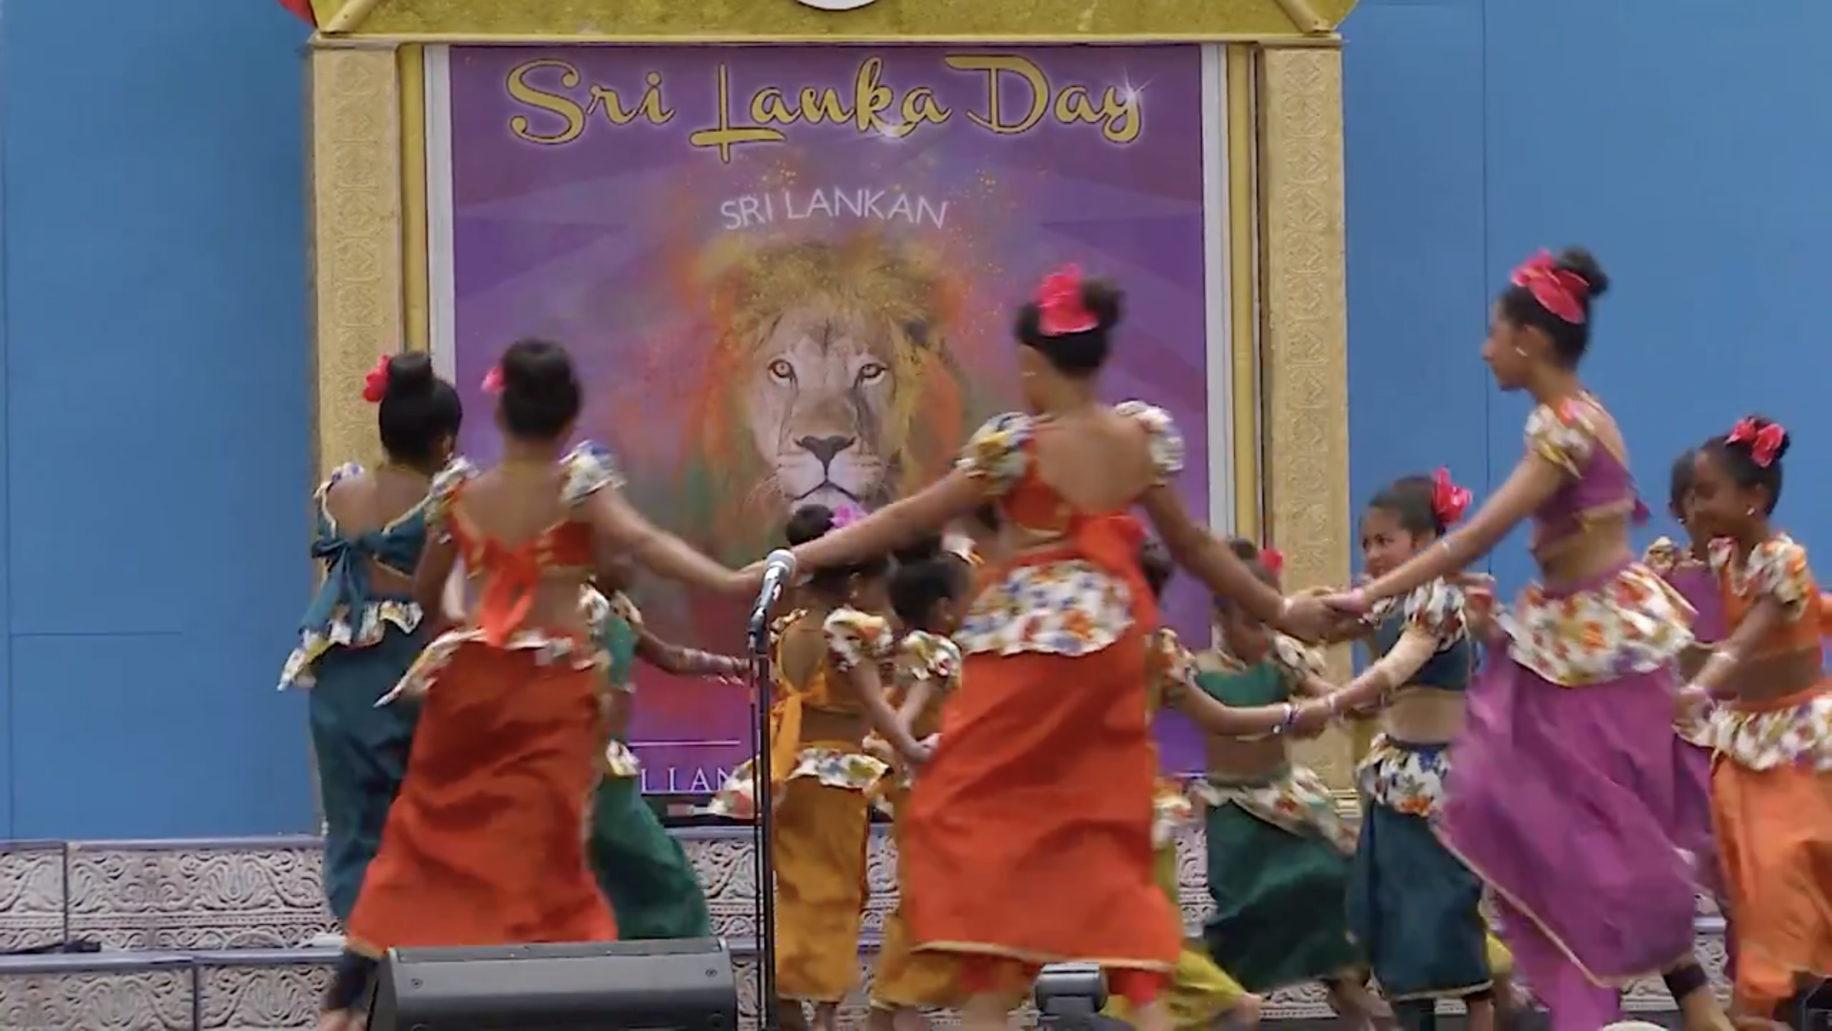 Sri Lanka Day and Parade 2017